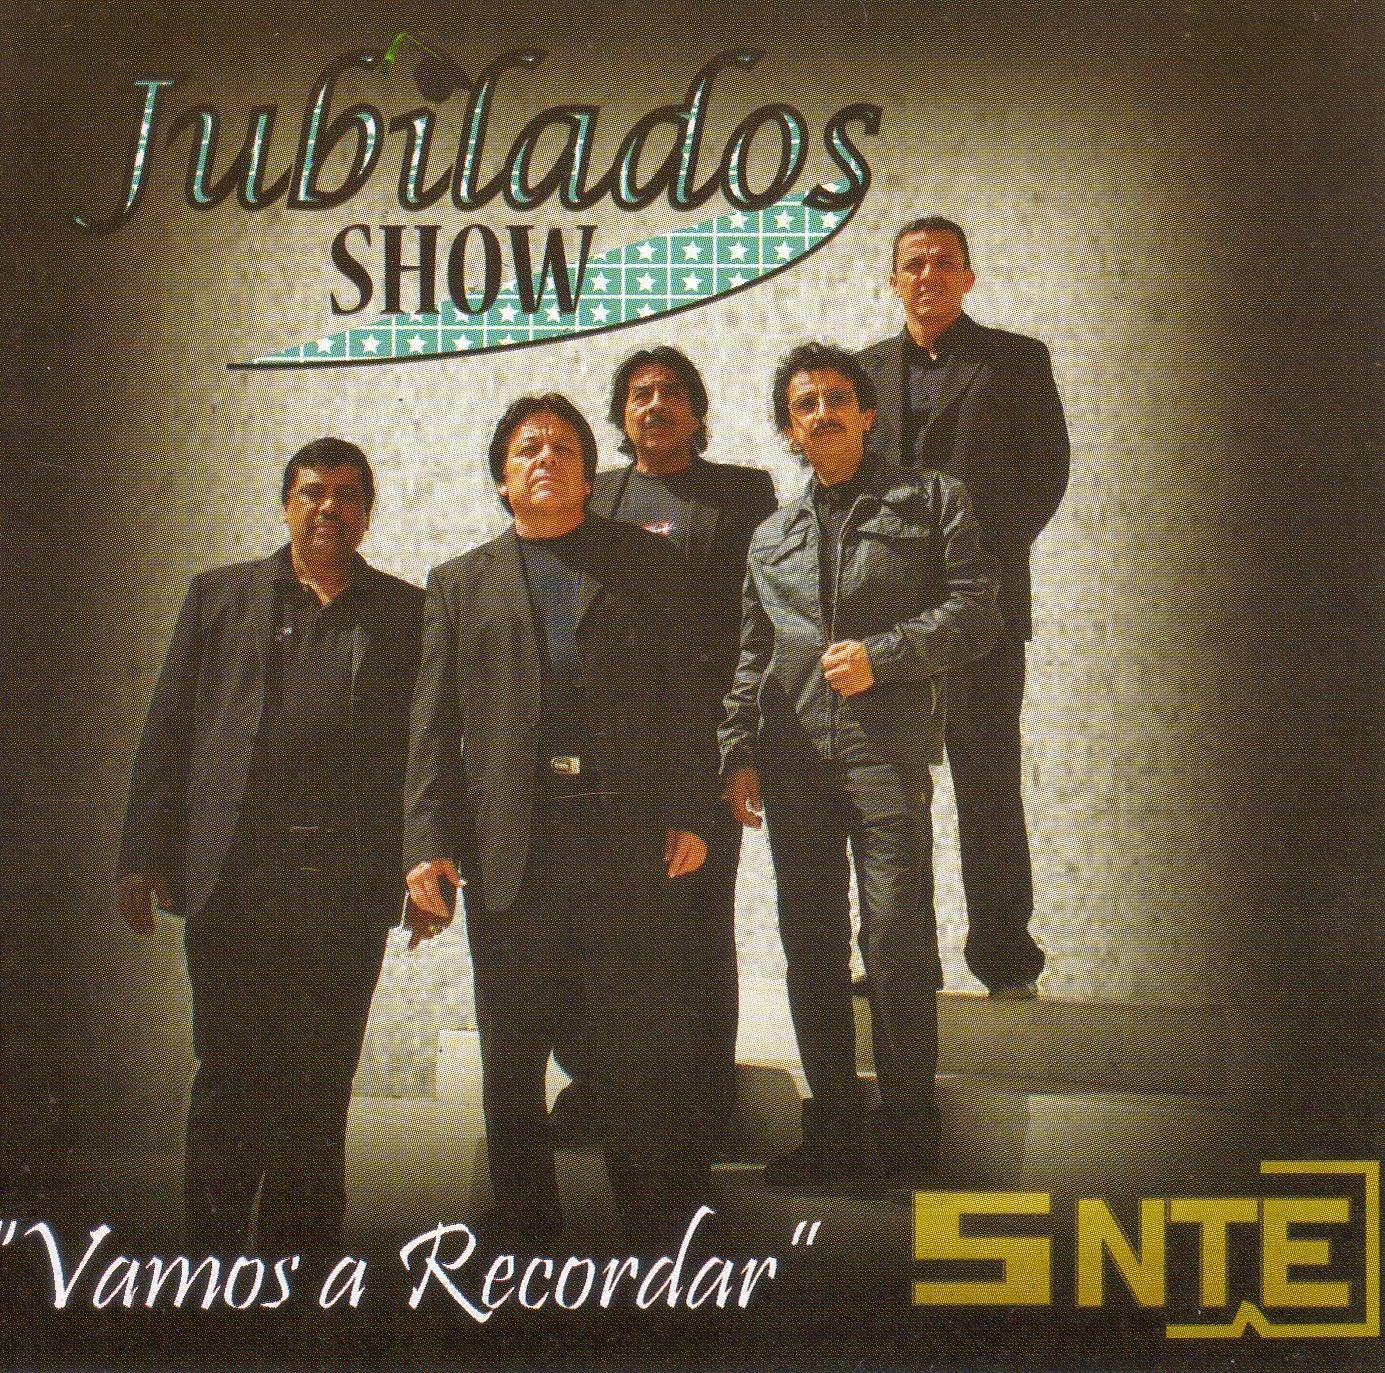 jubilados show